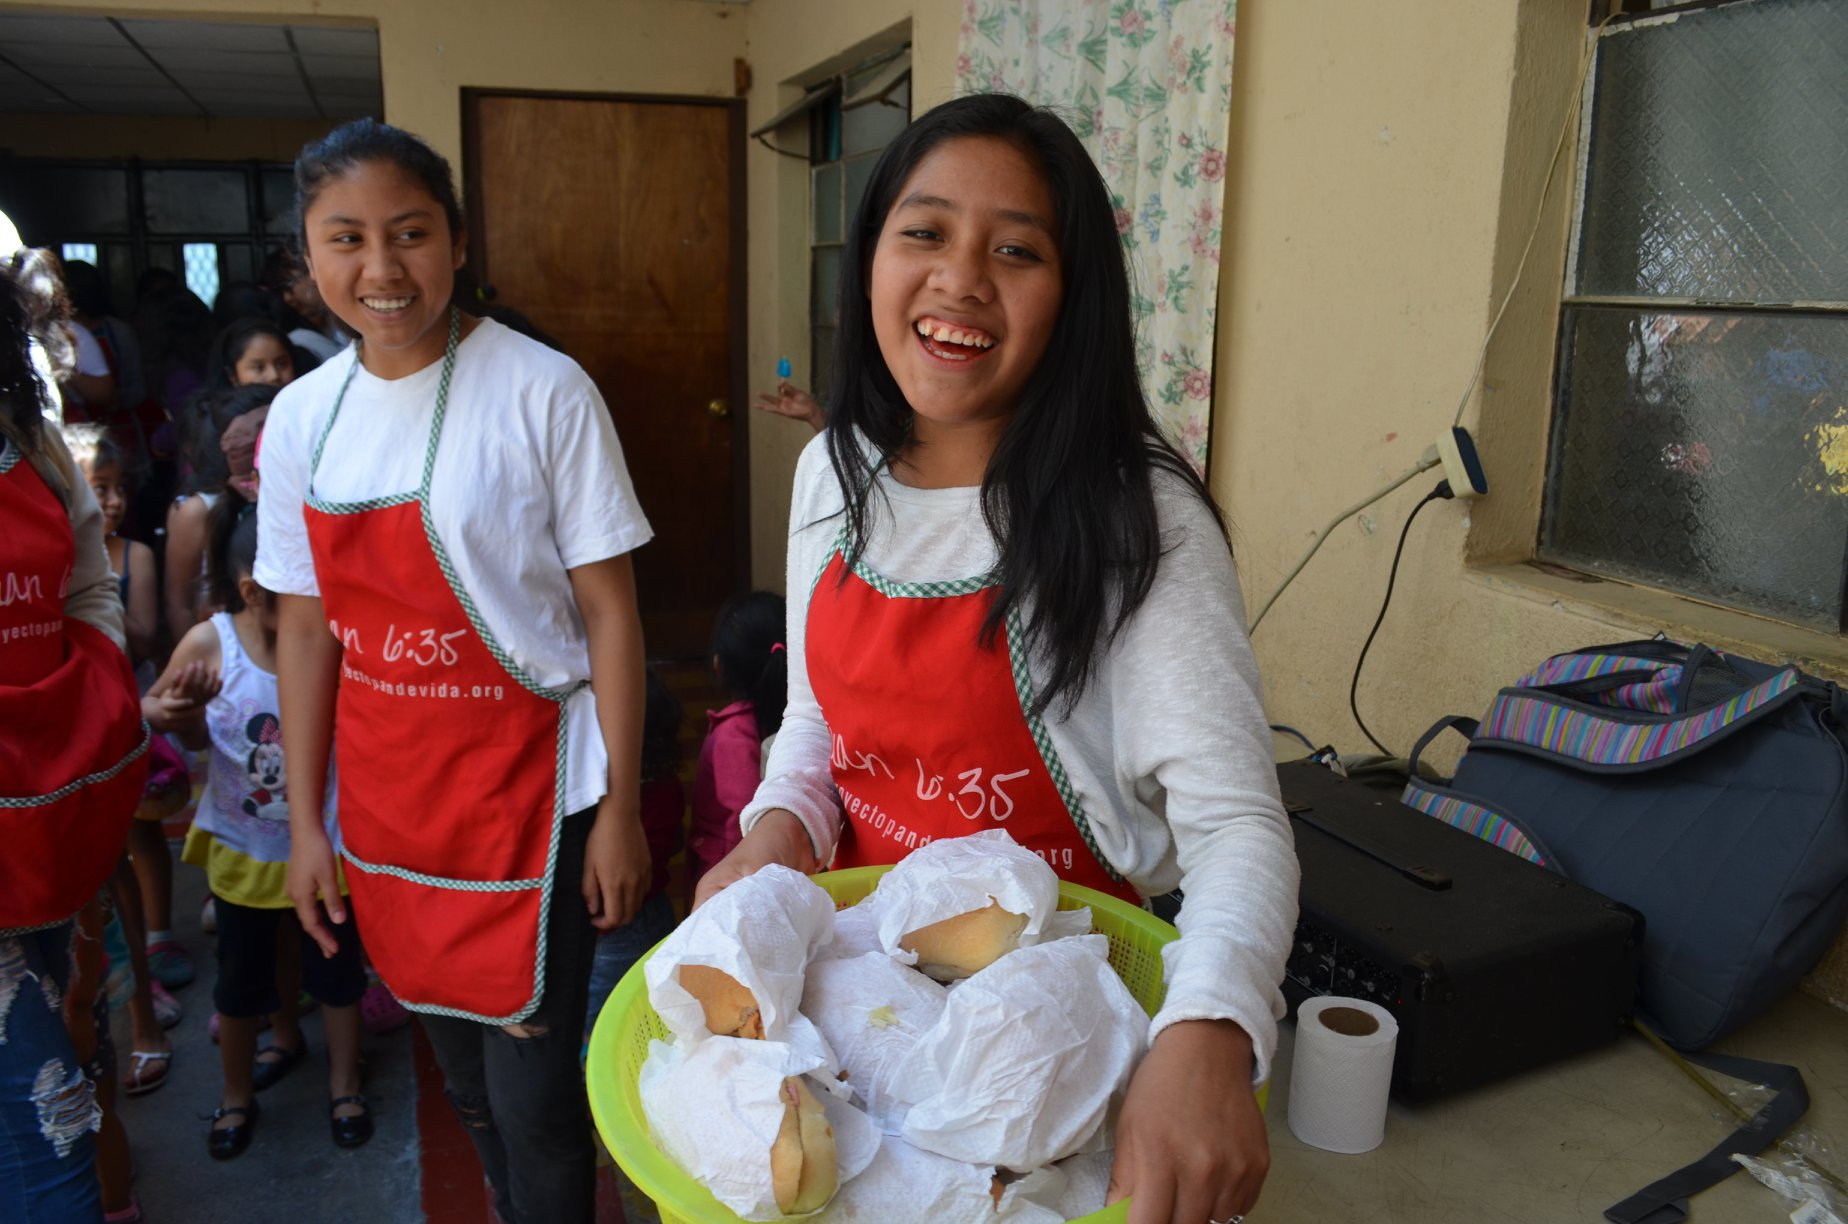 Buscan voluntarios para entregar cenas de Navidad a familias